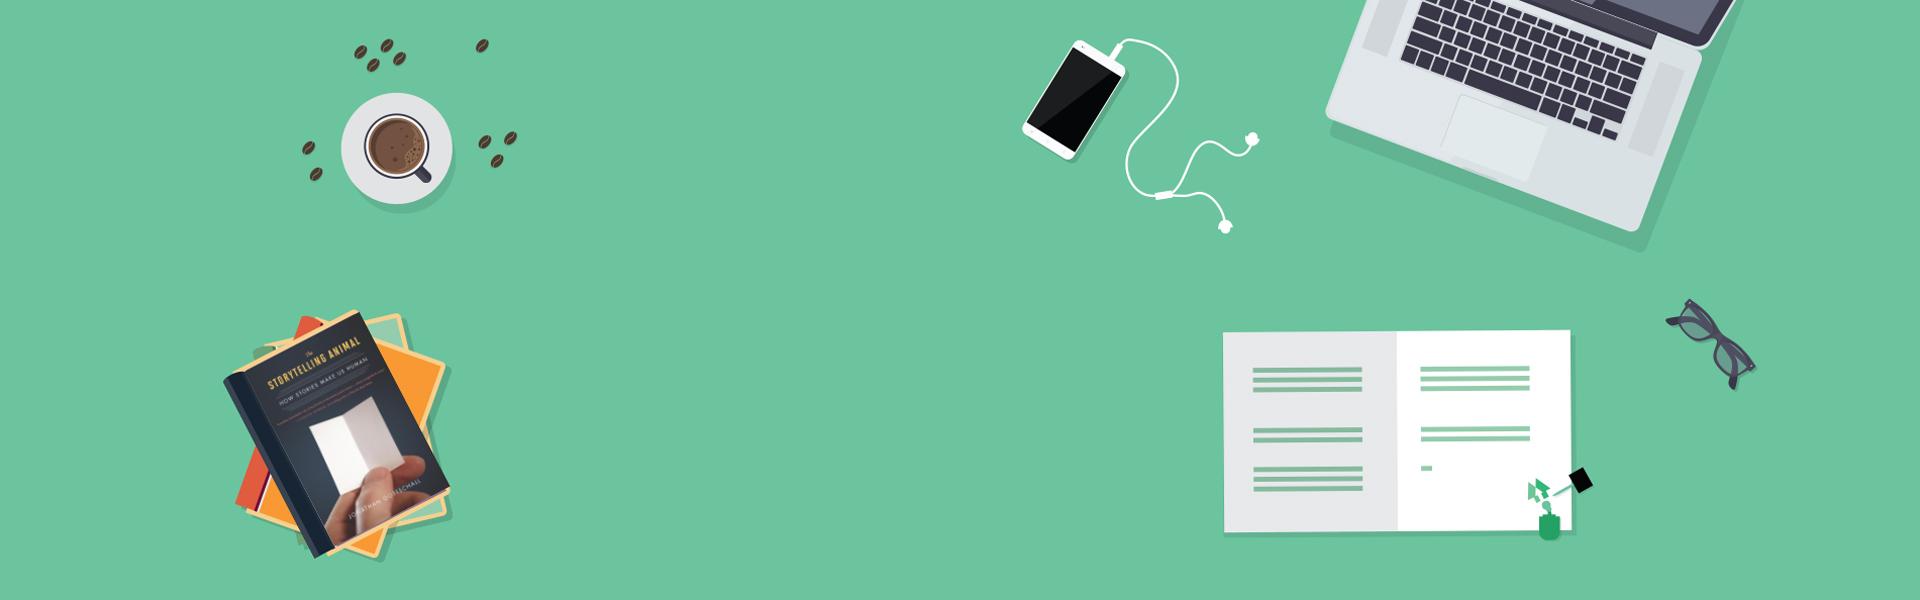 SECONDA COLAZIONE: Copywriting: Linktree per linkare il linkabile